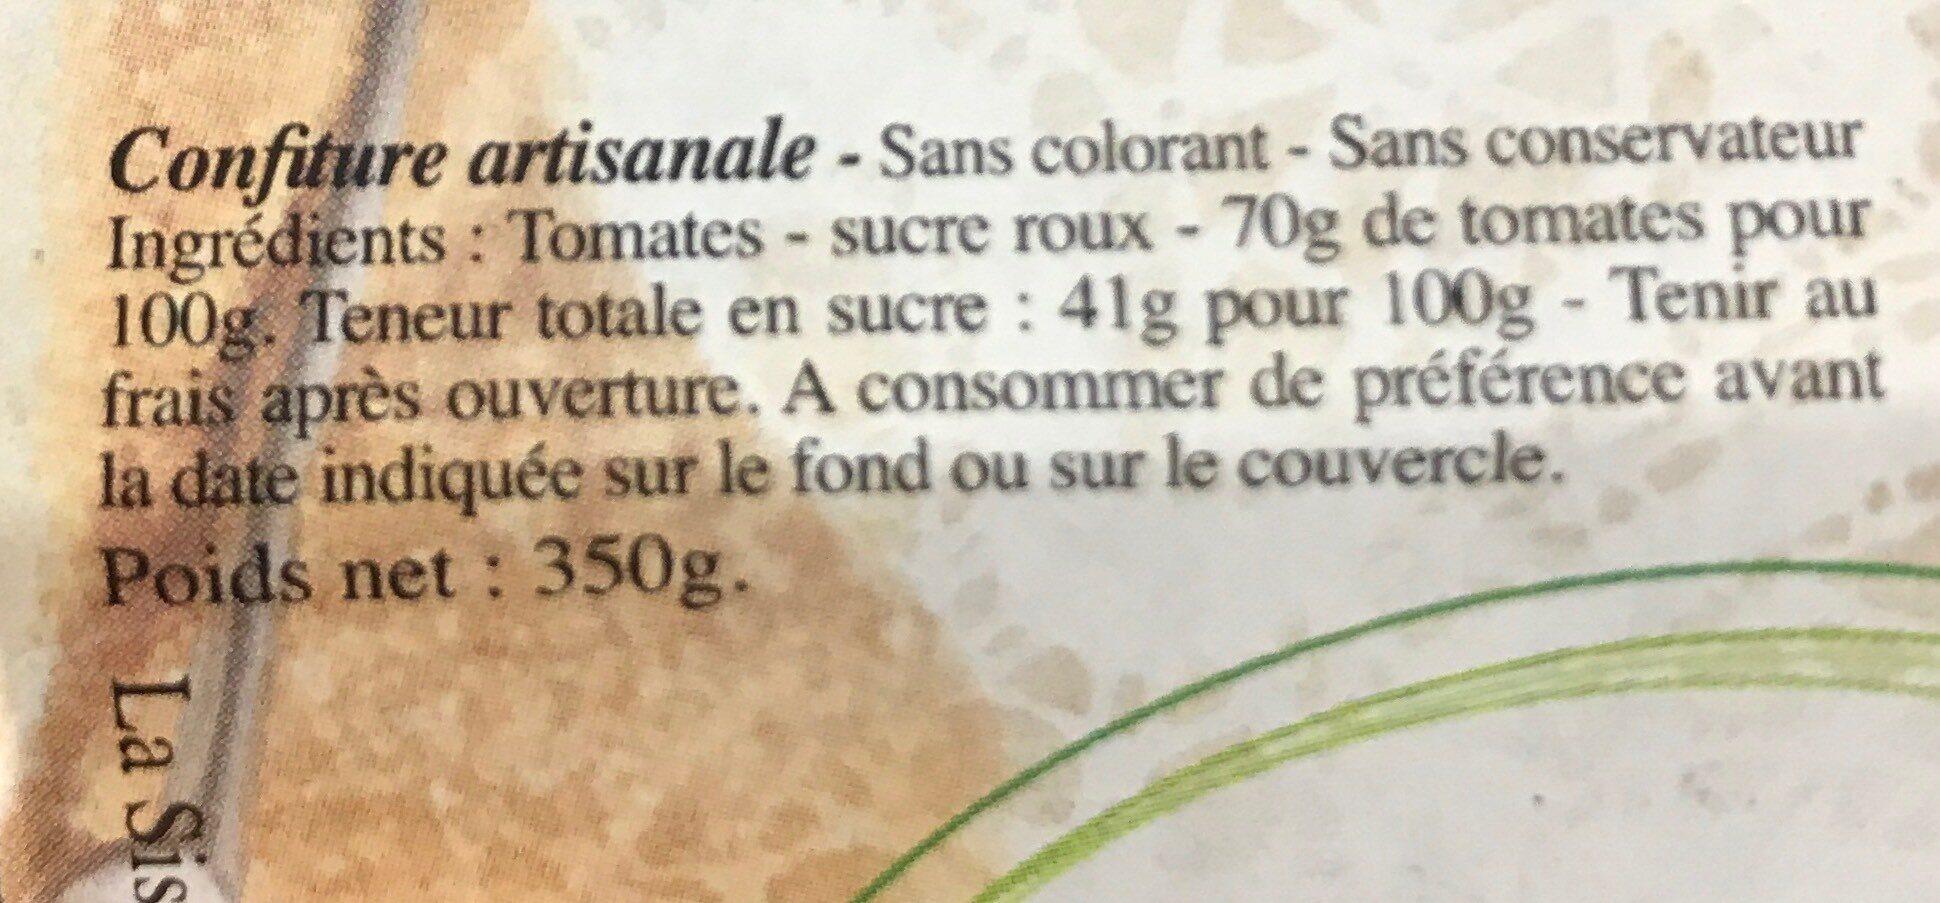 Confiture extra de Sologne - Informations nutritionnelles - fr